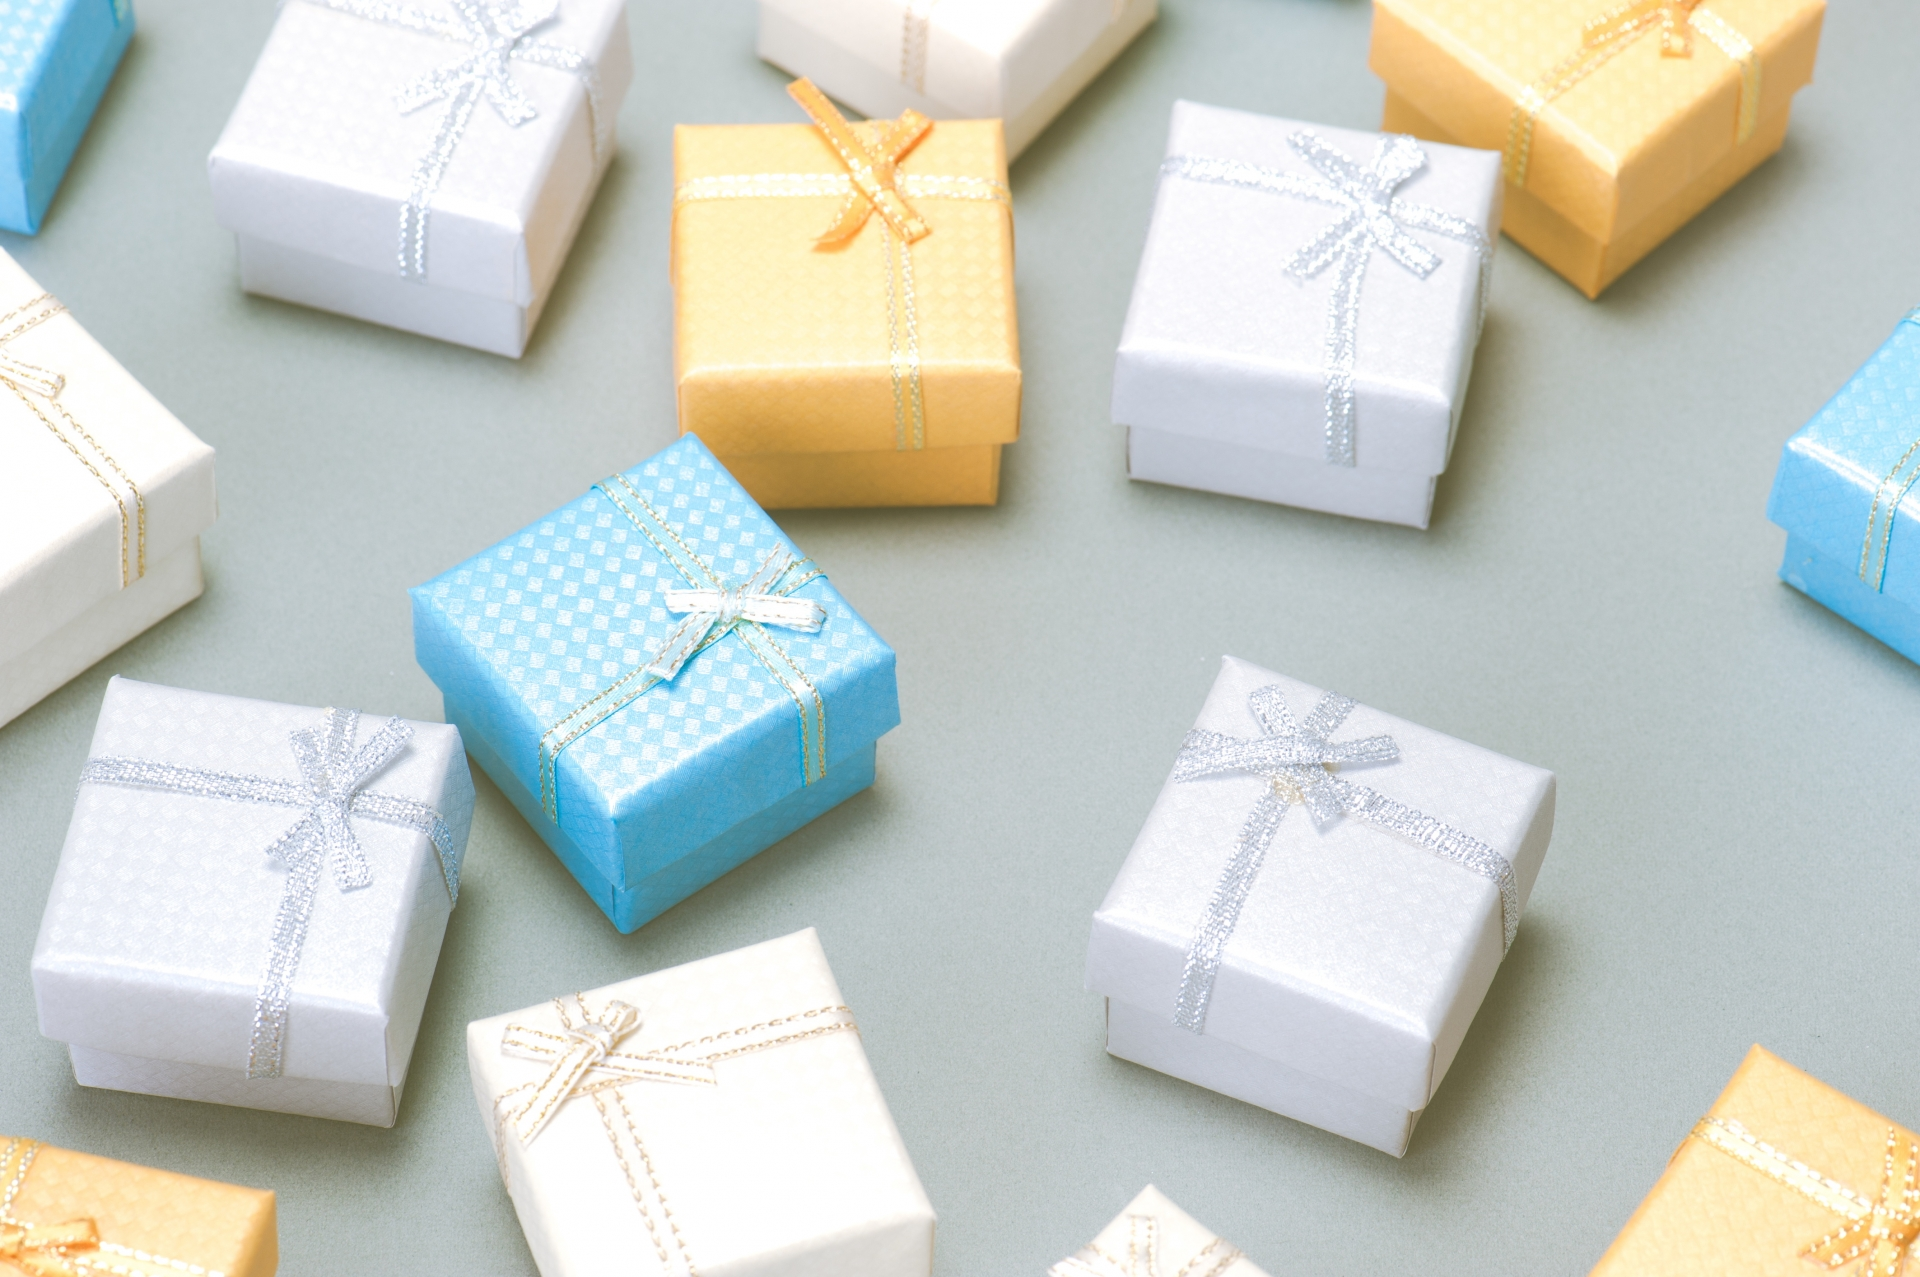 高校生のホワイトデーのお返しの贈り方の流れは?